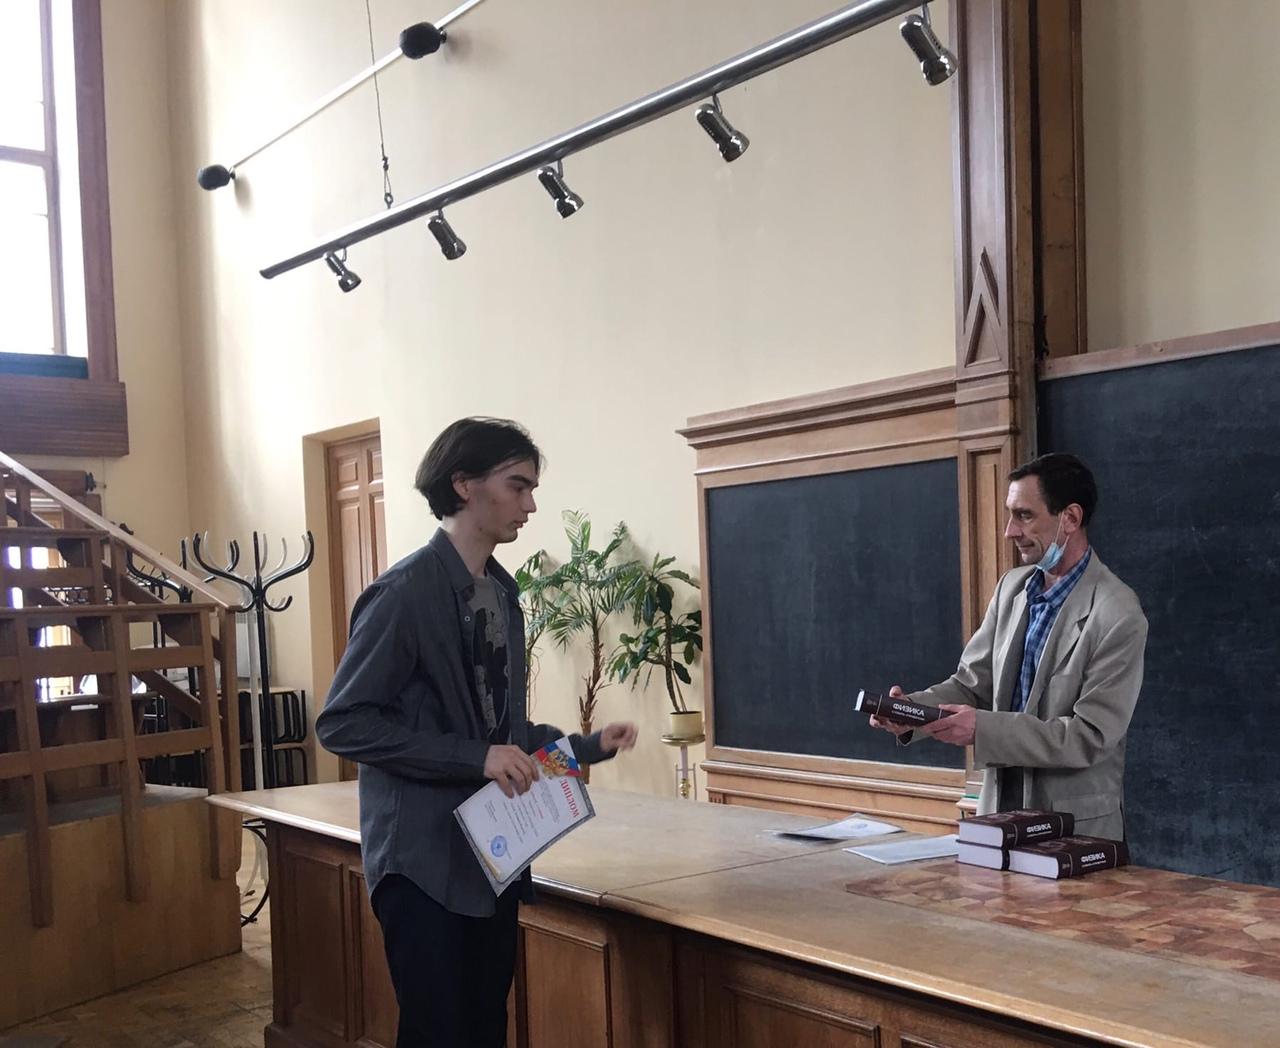 Сукнев Дмитрий Игоревич. VI-я Политехническая Олимпиада по физике, первое место